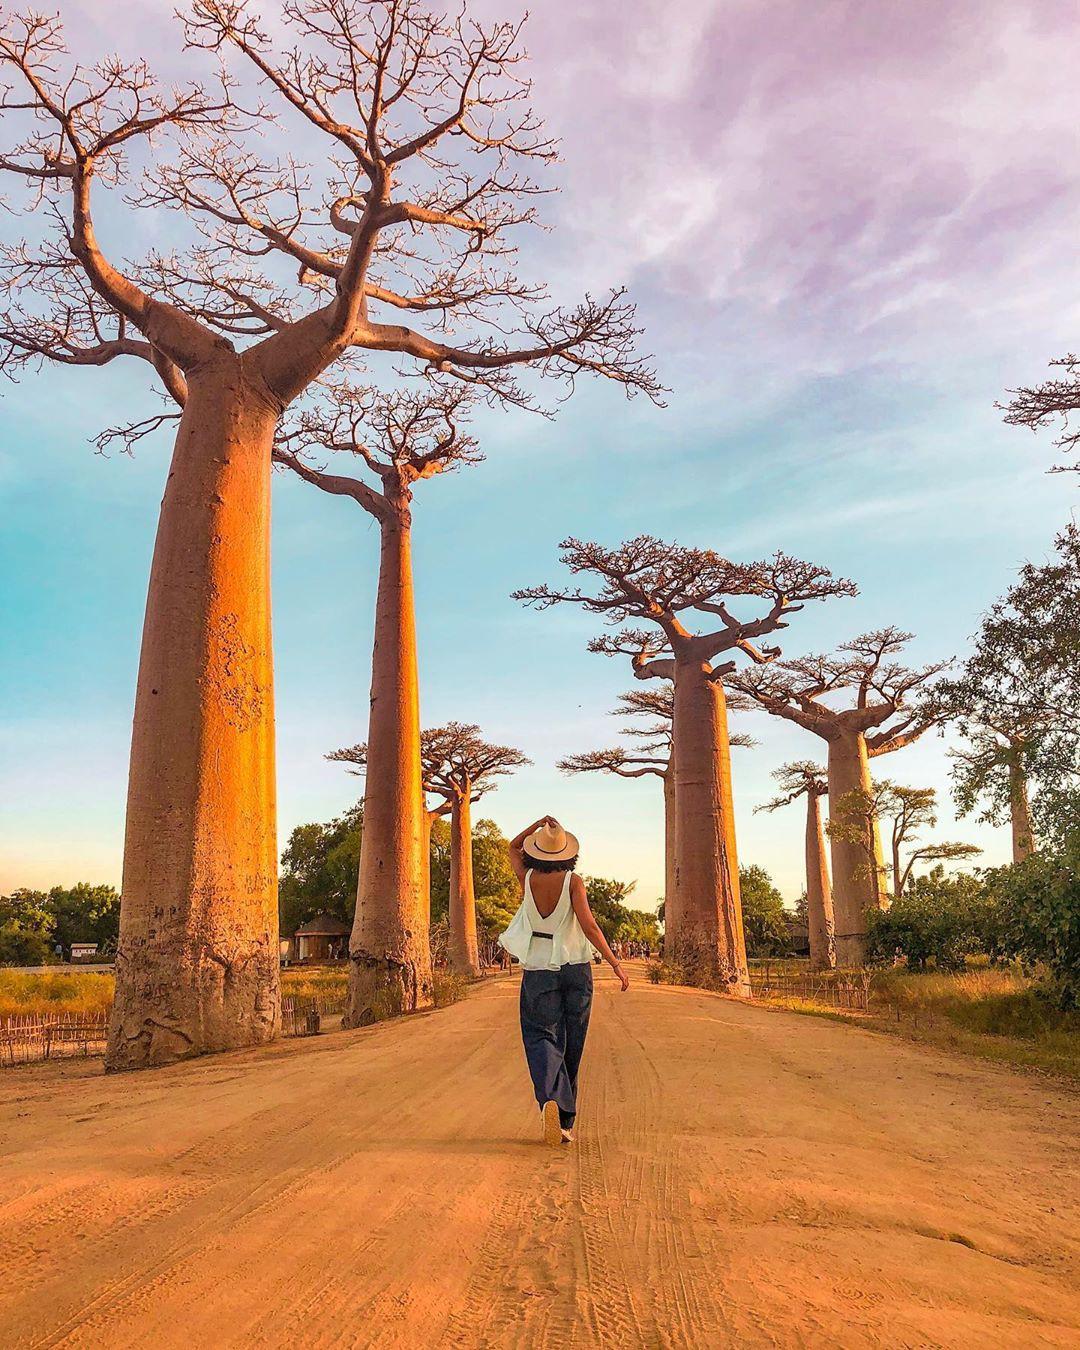 Dính phải lời nguyền phải mọc ngược, rừng cây ở Madagascar nay lại trở thành điểm check-in xịn xò của giới blogger du lịch - Ảnh 9.